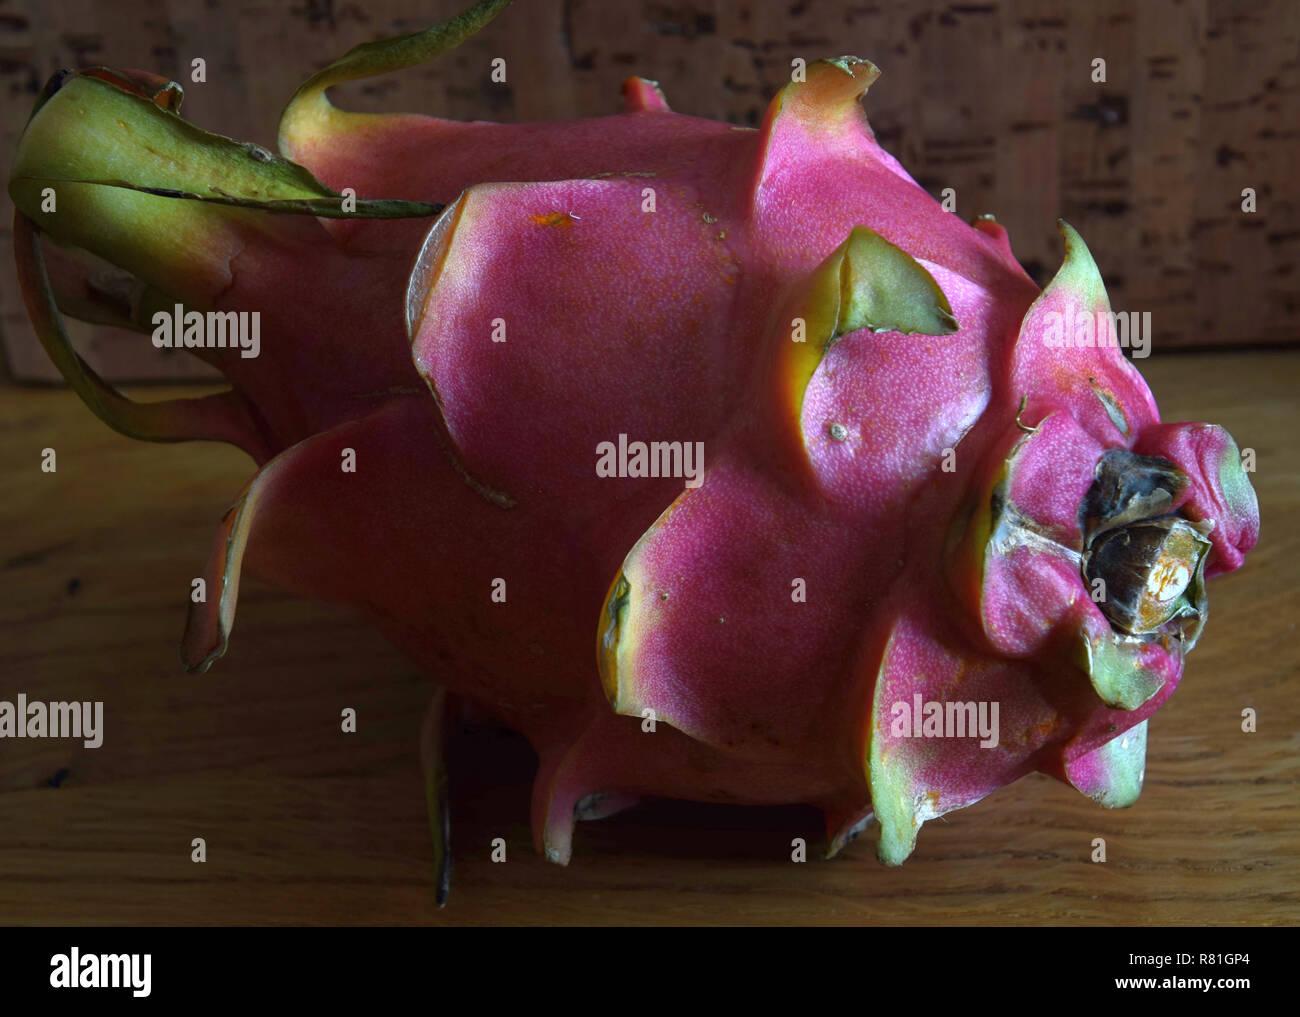 sweet pitaya fruit, pink-skinned ripe pitahaya fruit also called hylocereus undatus on wooden table - Stock Image